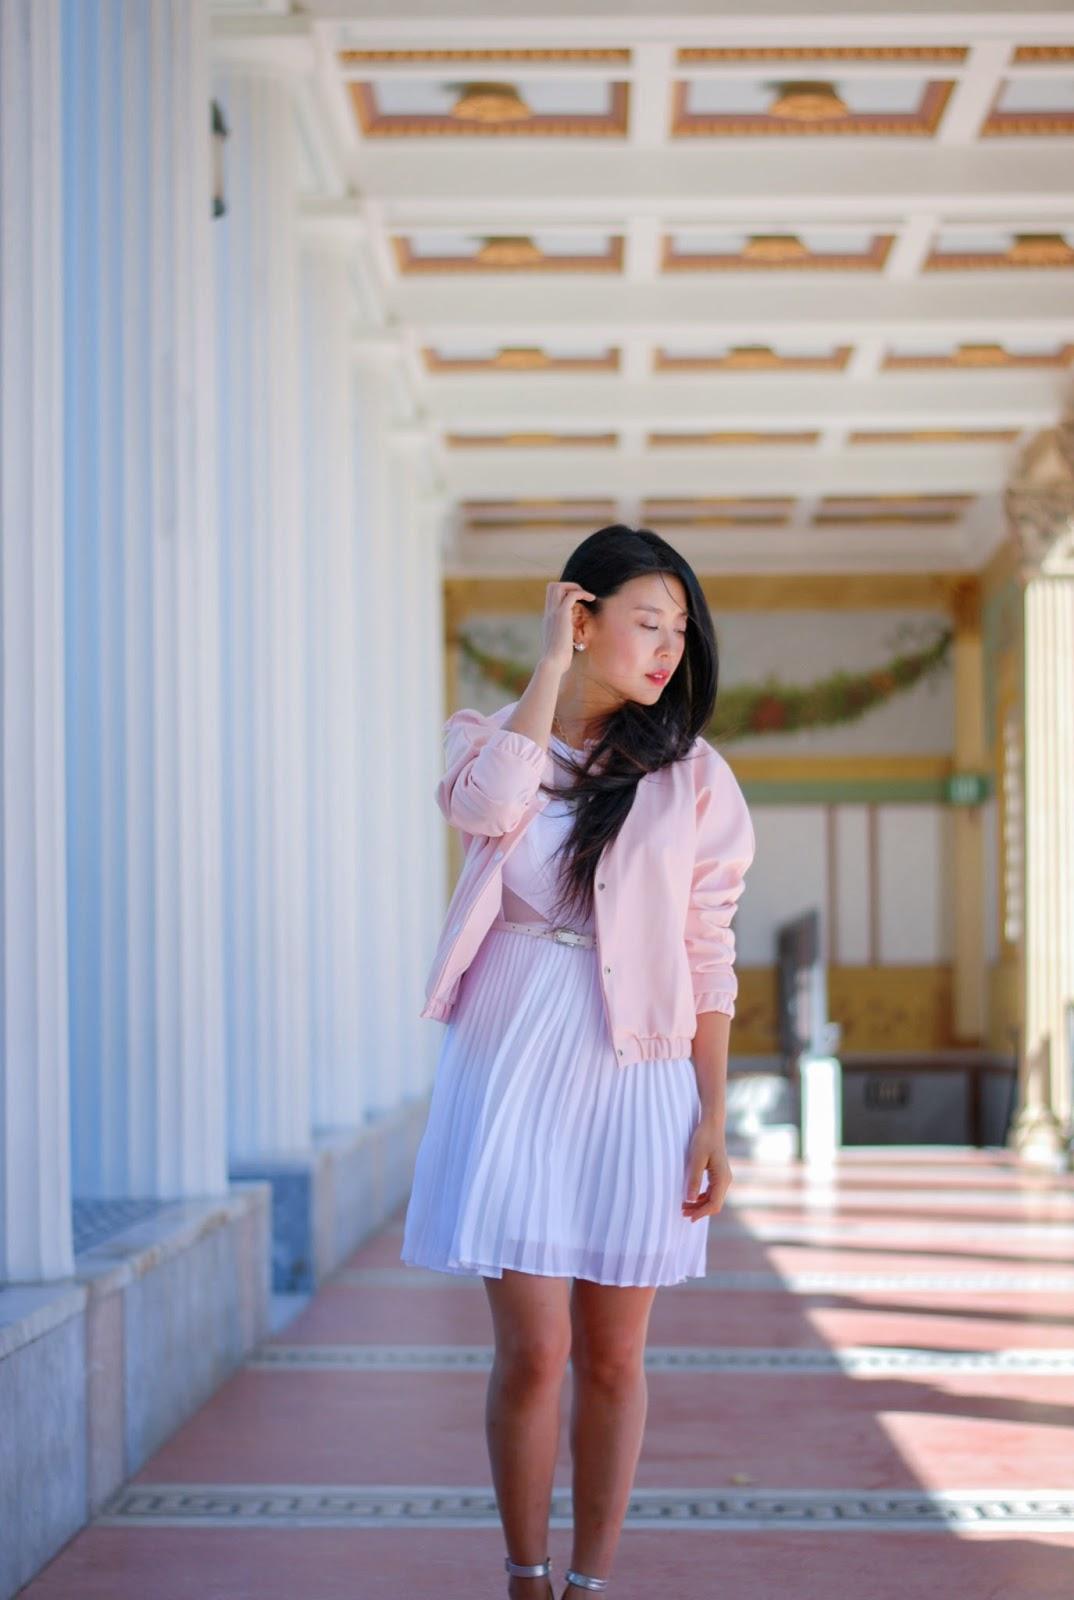 fashionindie XOXO style off blogger challenge